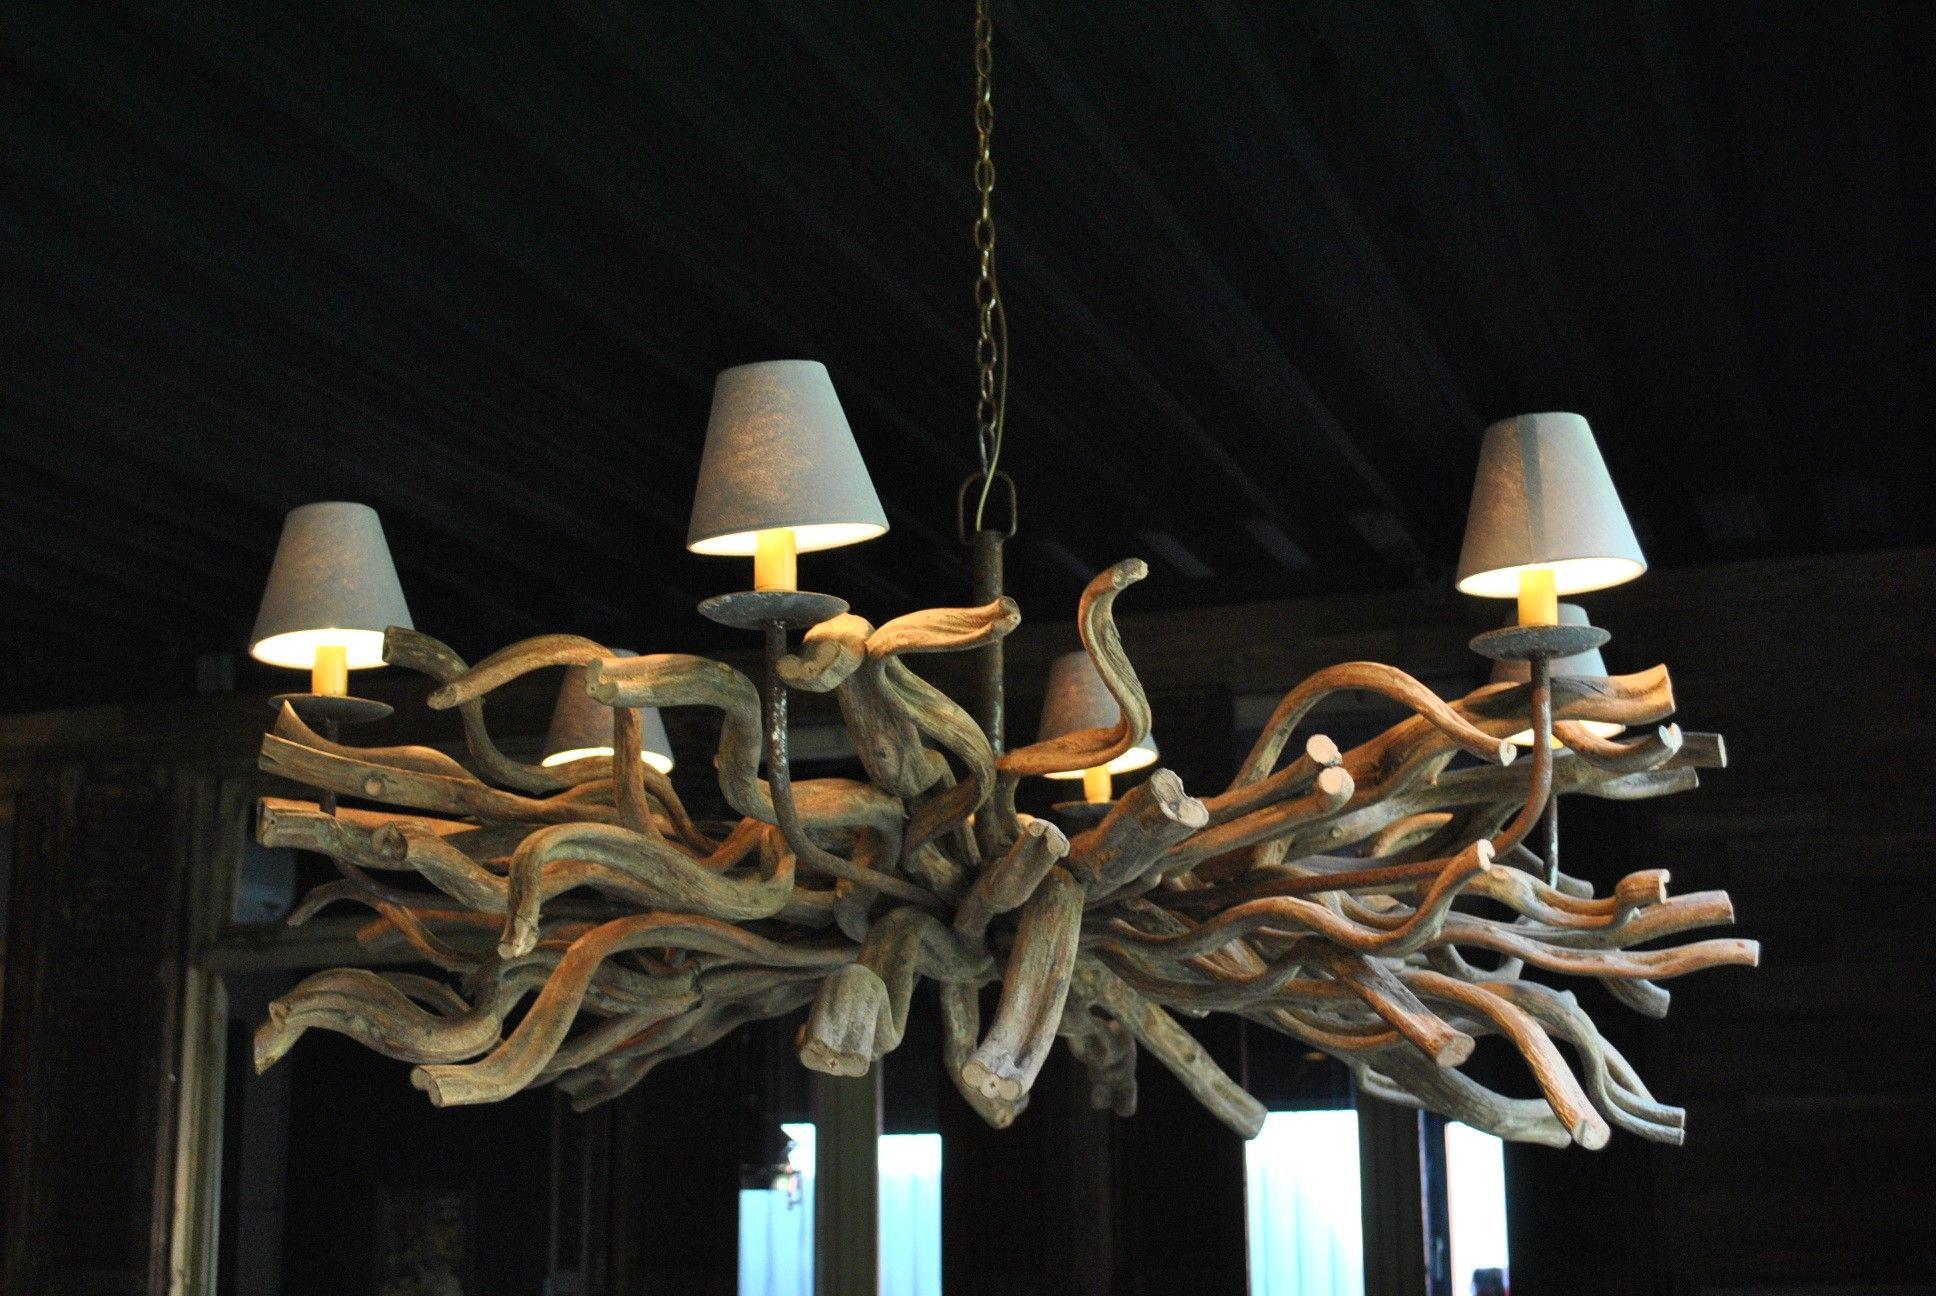 Gkrulde takken kroonluchter hang lamp kapjes lianen hout 6 for Kroonluchter kapjes